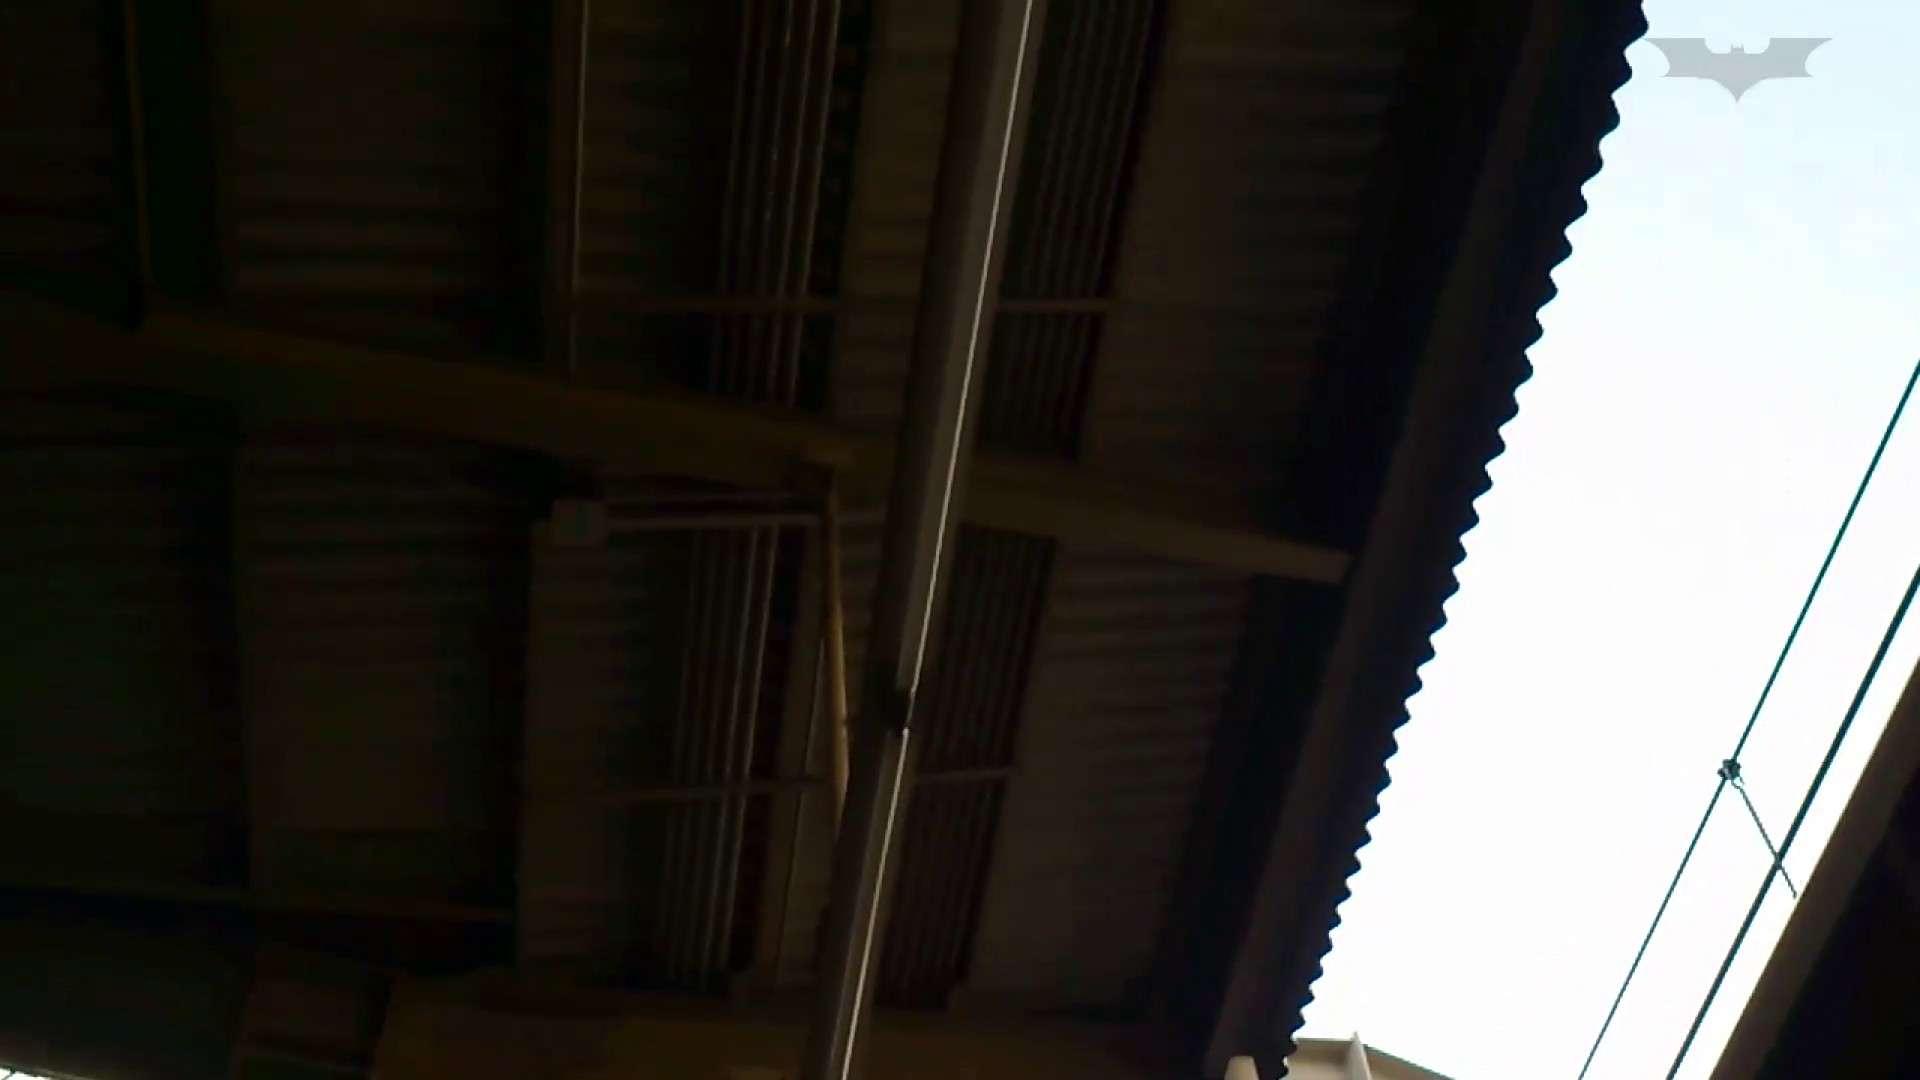 期間限定 超炉利盗撮 Vol.15 パンチラ見ーっけた! 盗撮で悶絶 オメコ無修正動画無料 97画像 34